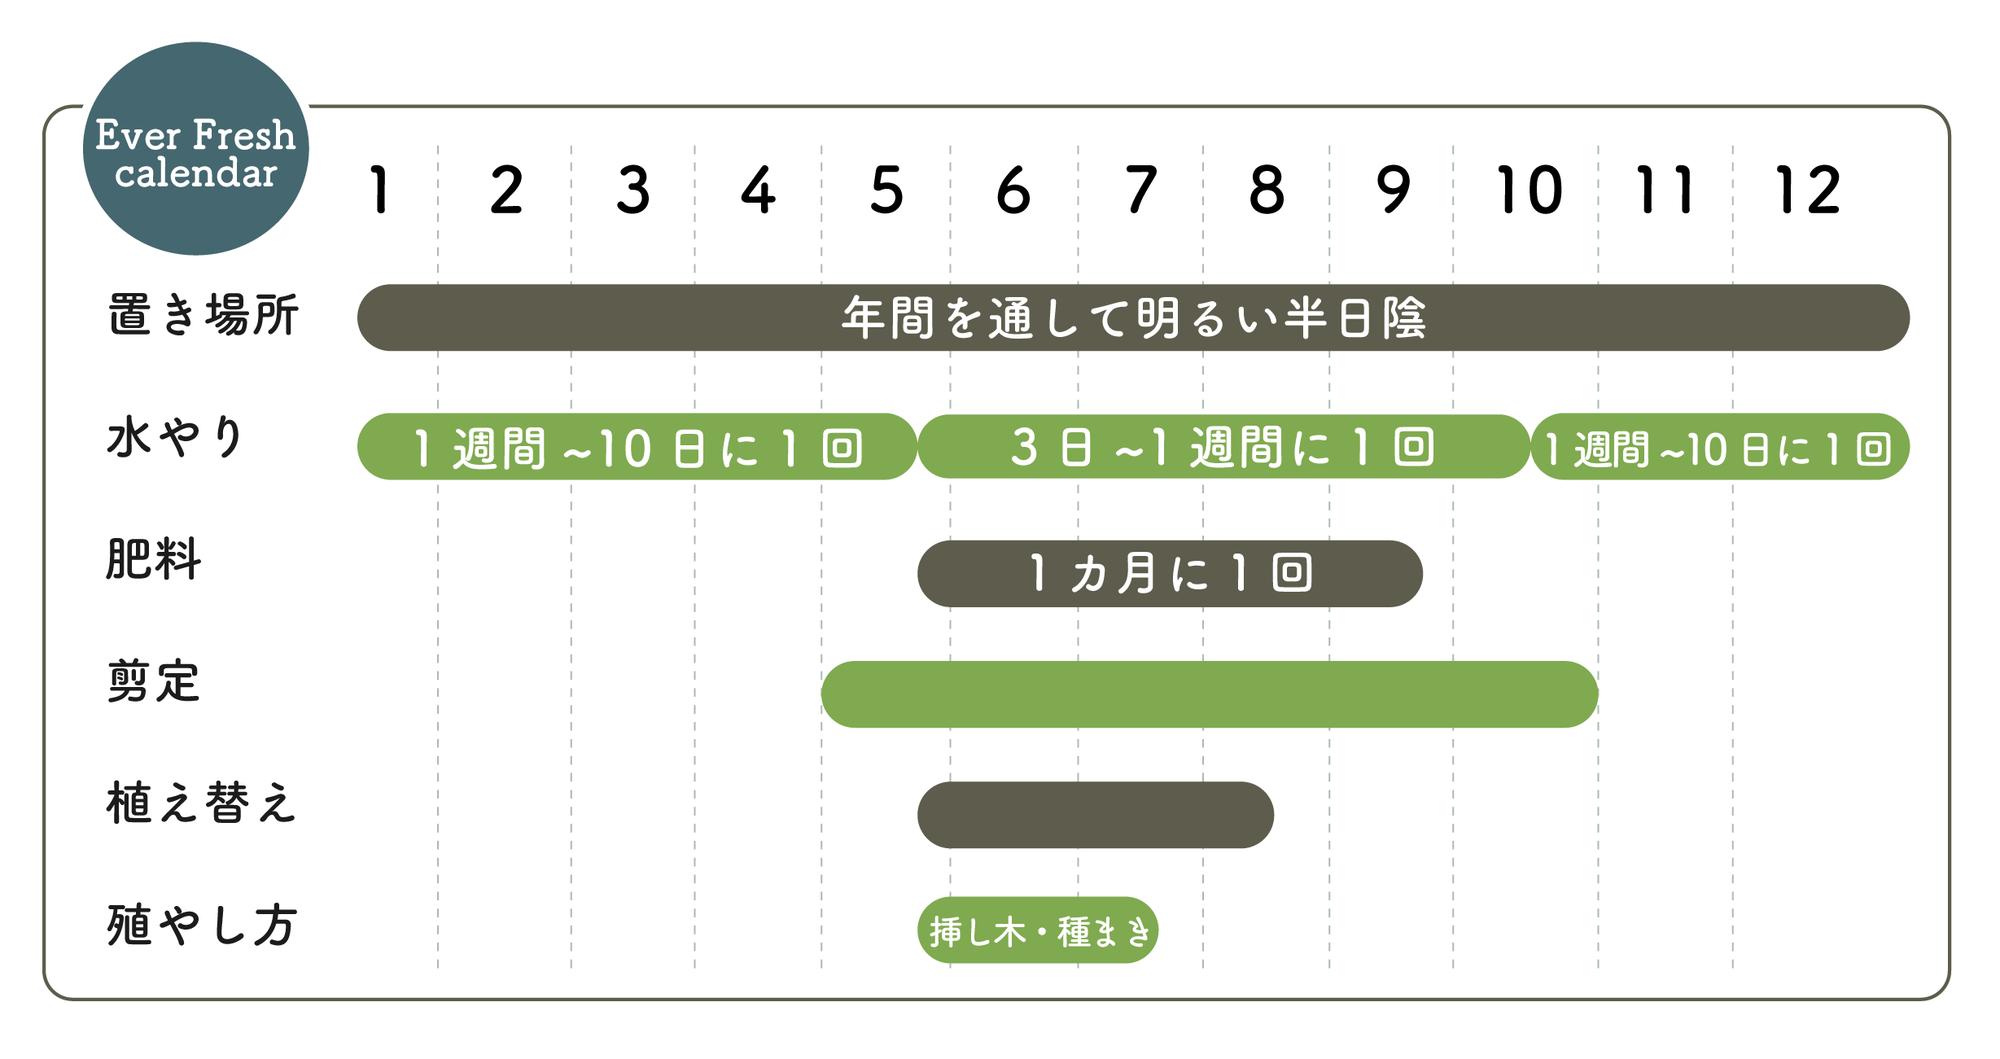 エバーフレッシュ栽培カレンダー